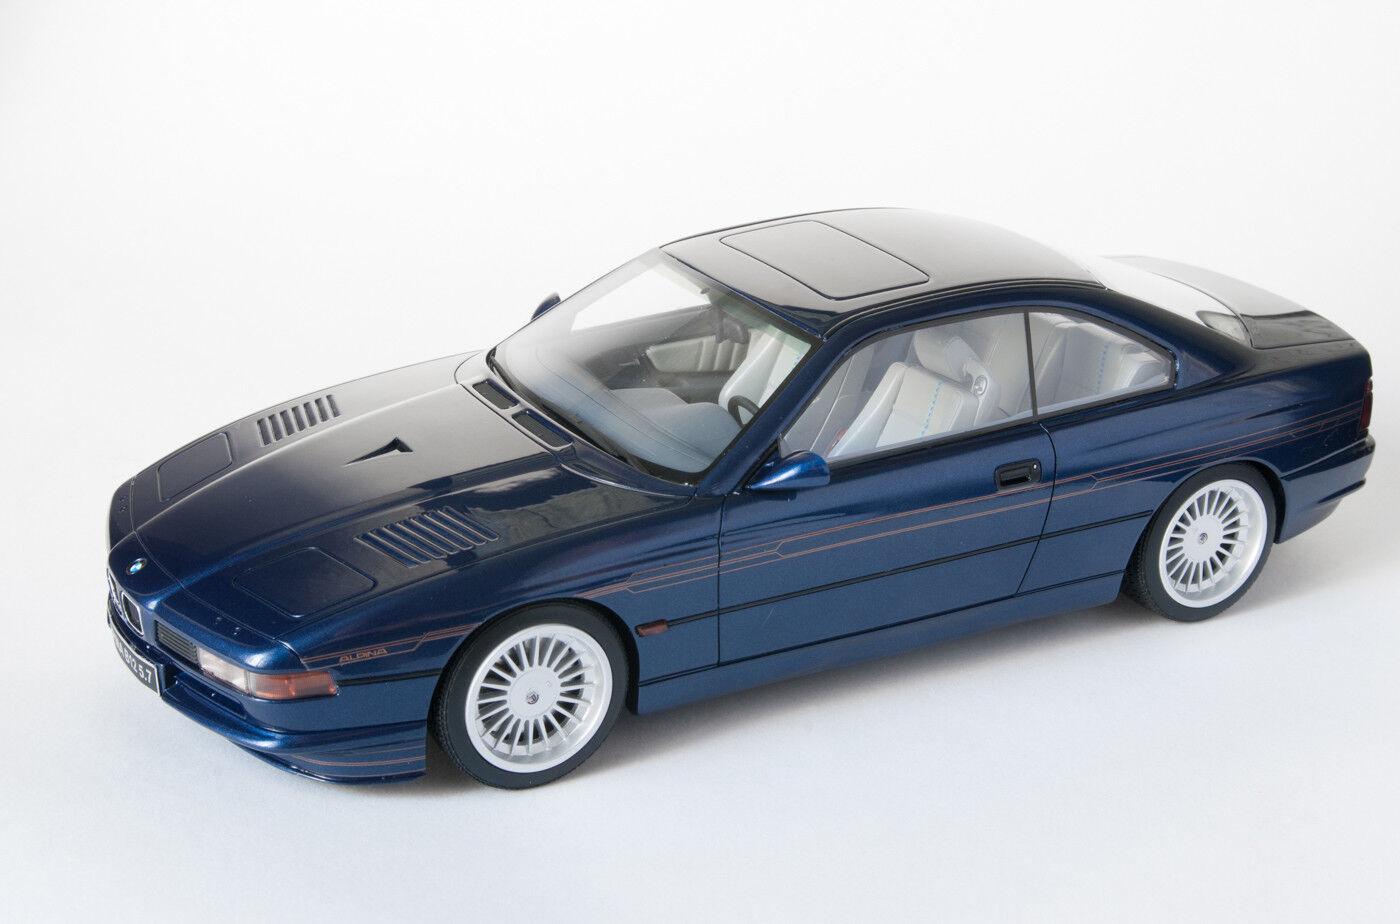 BMW 850 alpina b12 Turbo e31 Blue 1:18 otto